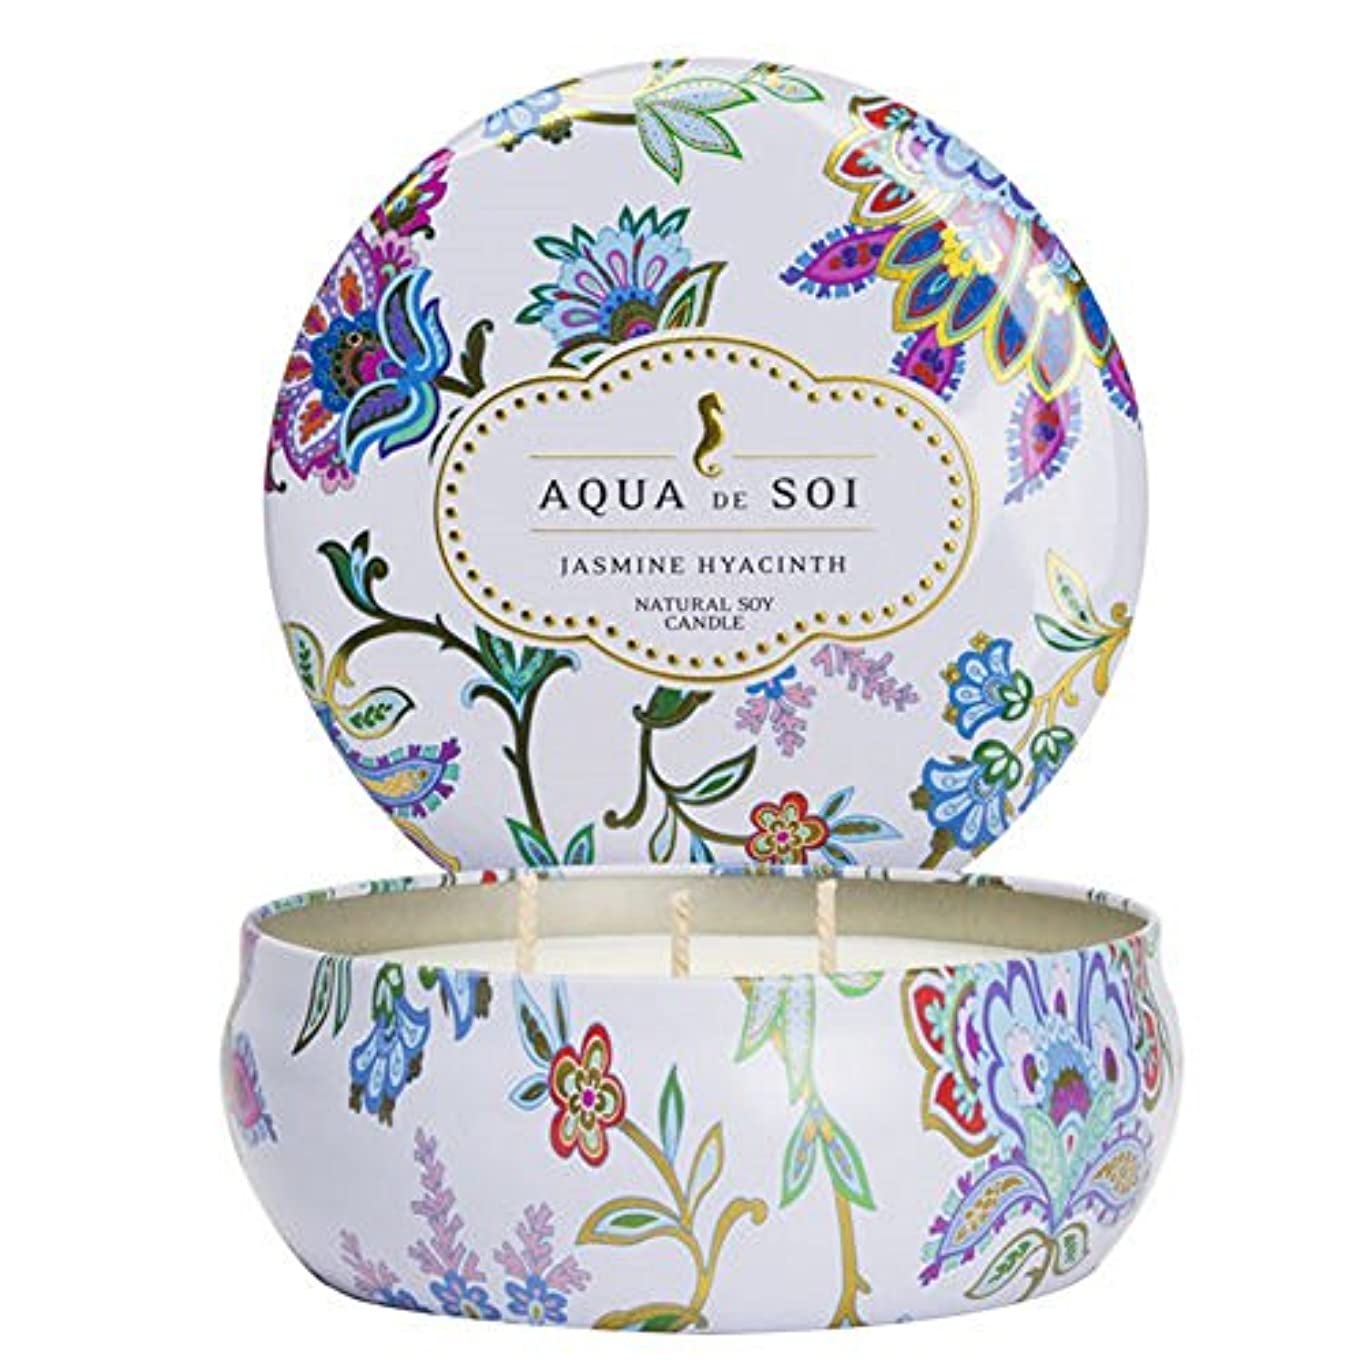 統合鷹子羊Soi会社Aqua De Soi 100 %プレミアム天然Soy Candle、トリプルWick、21オンス 21 Ounces ホワイト unknown